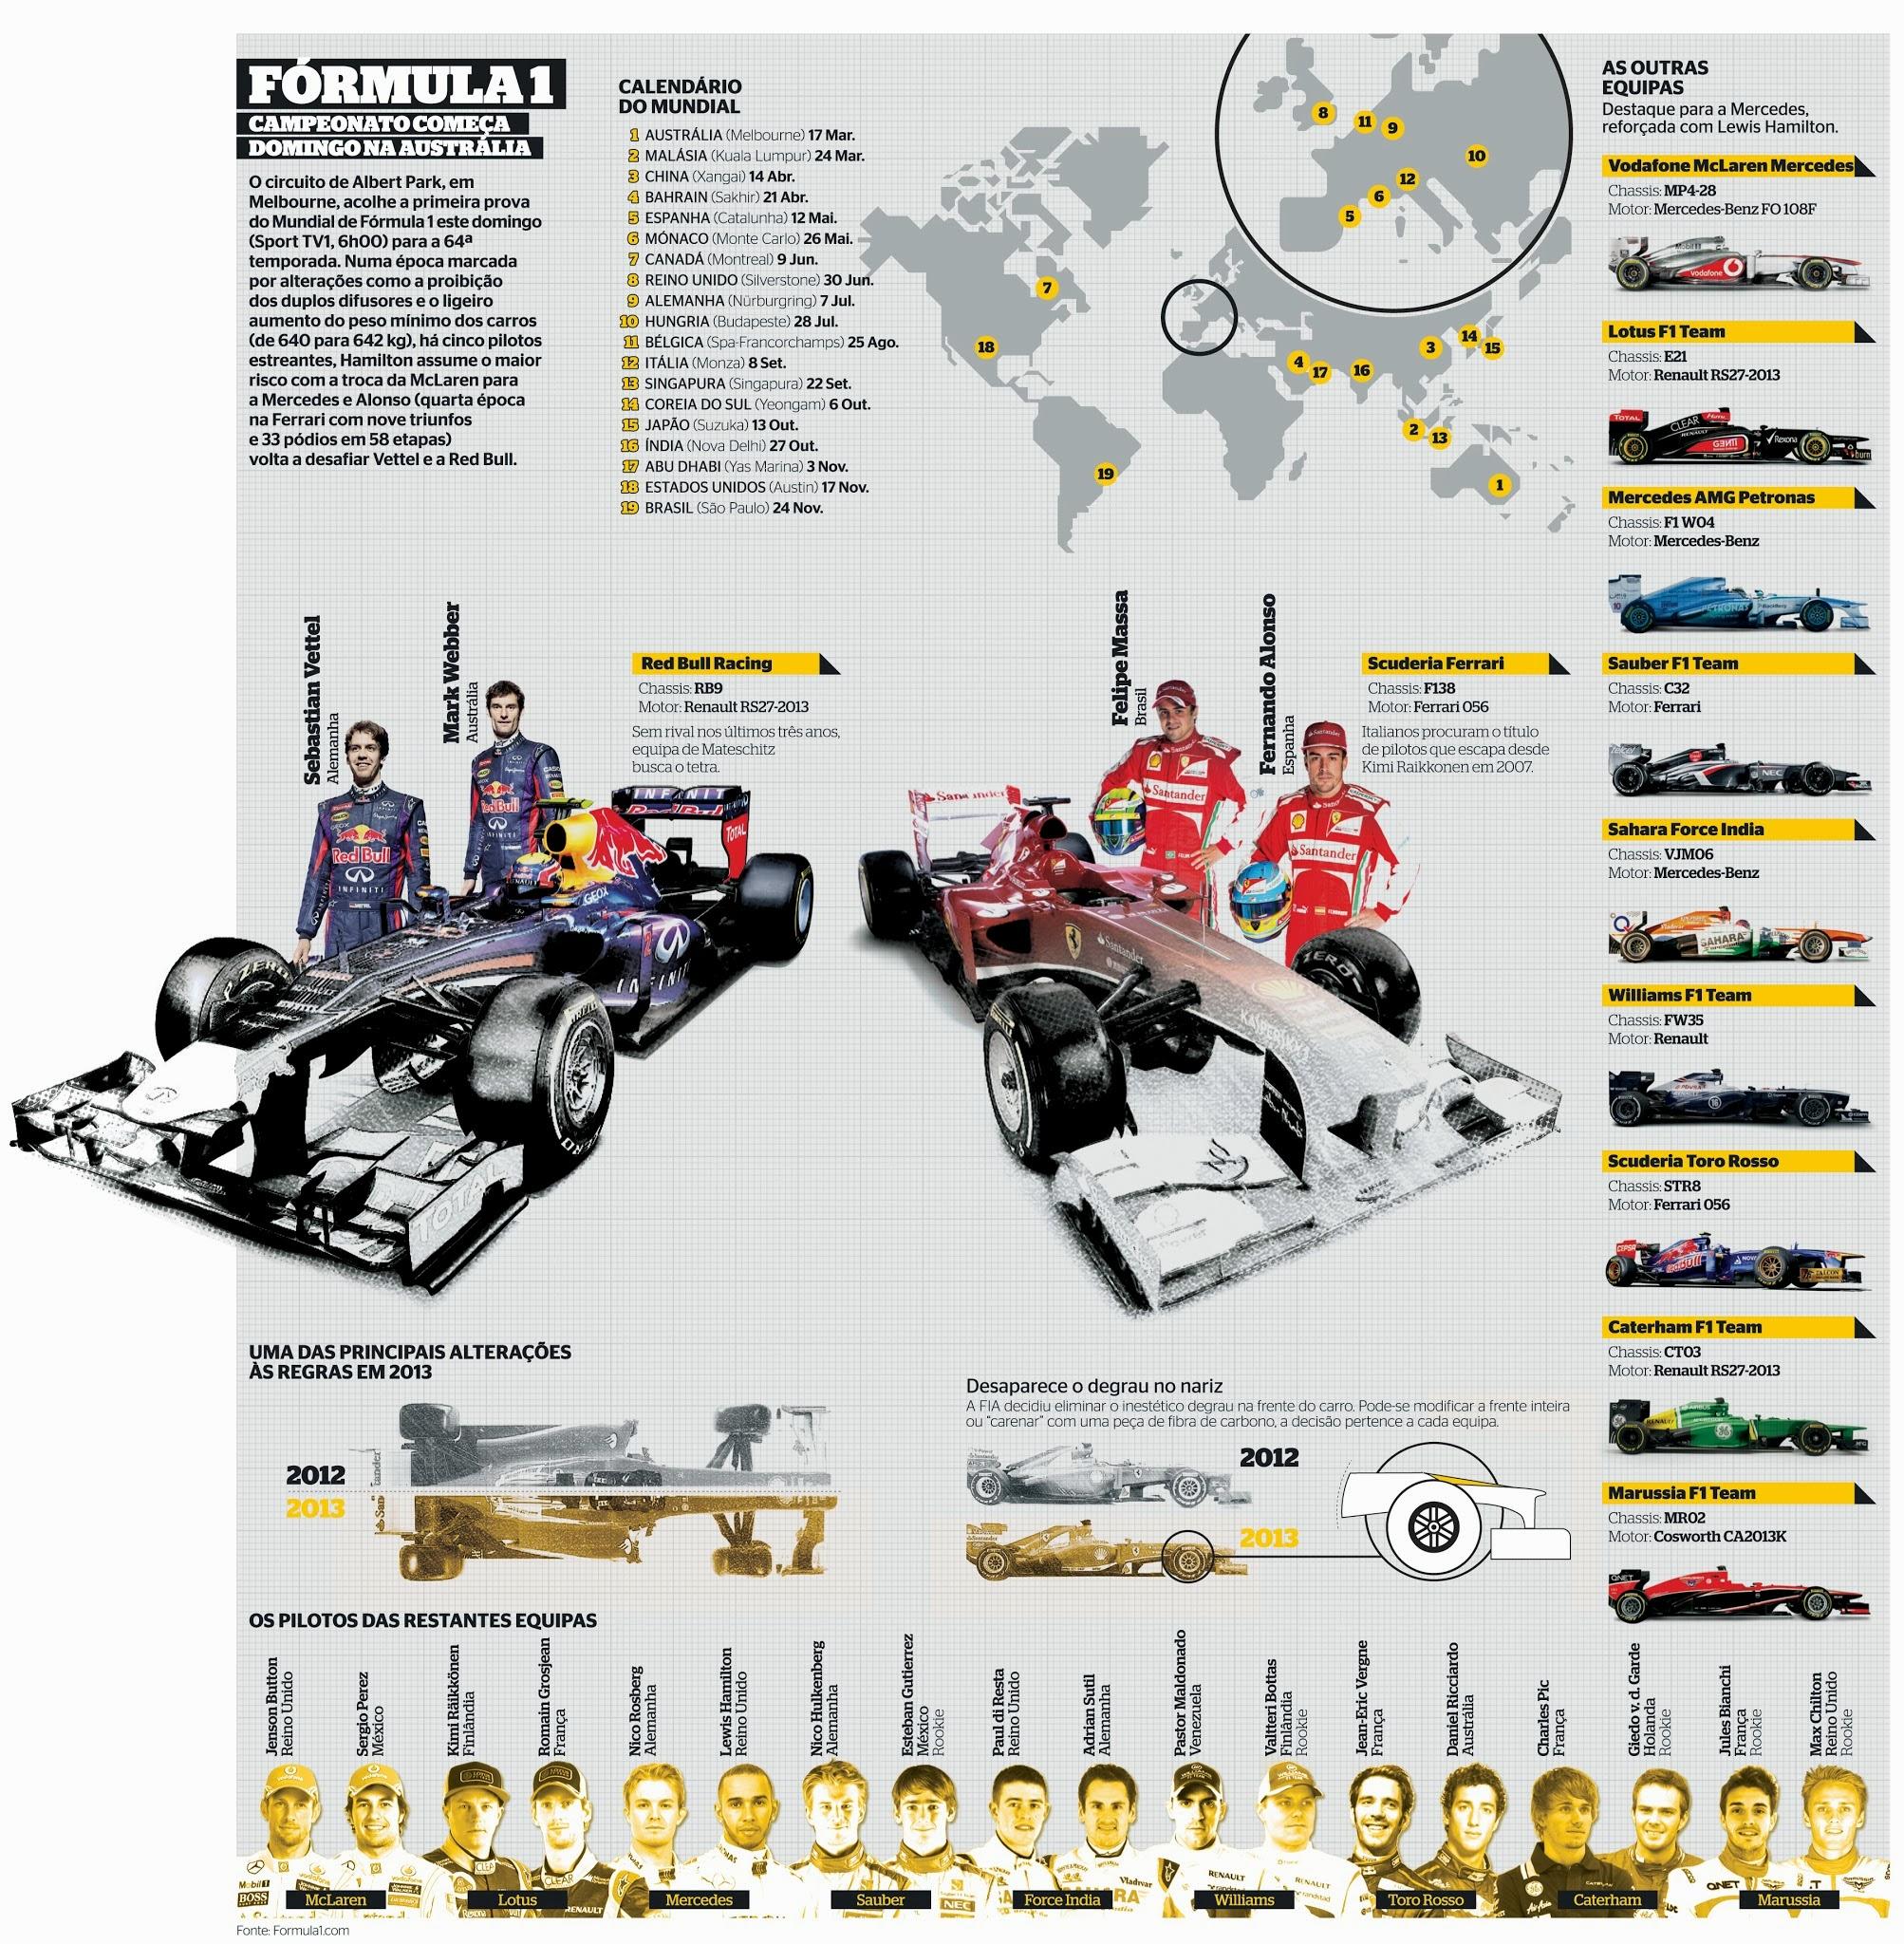 Formula One 2013, infographic by Mário Malhão